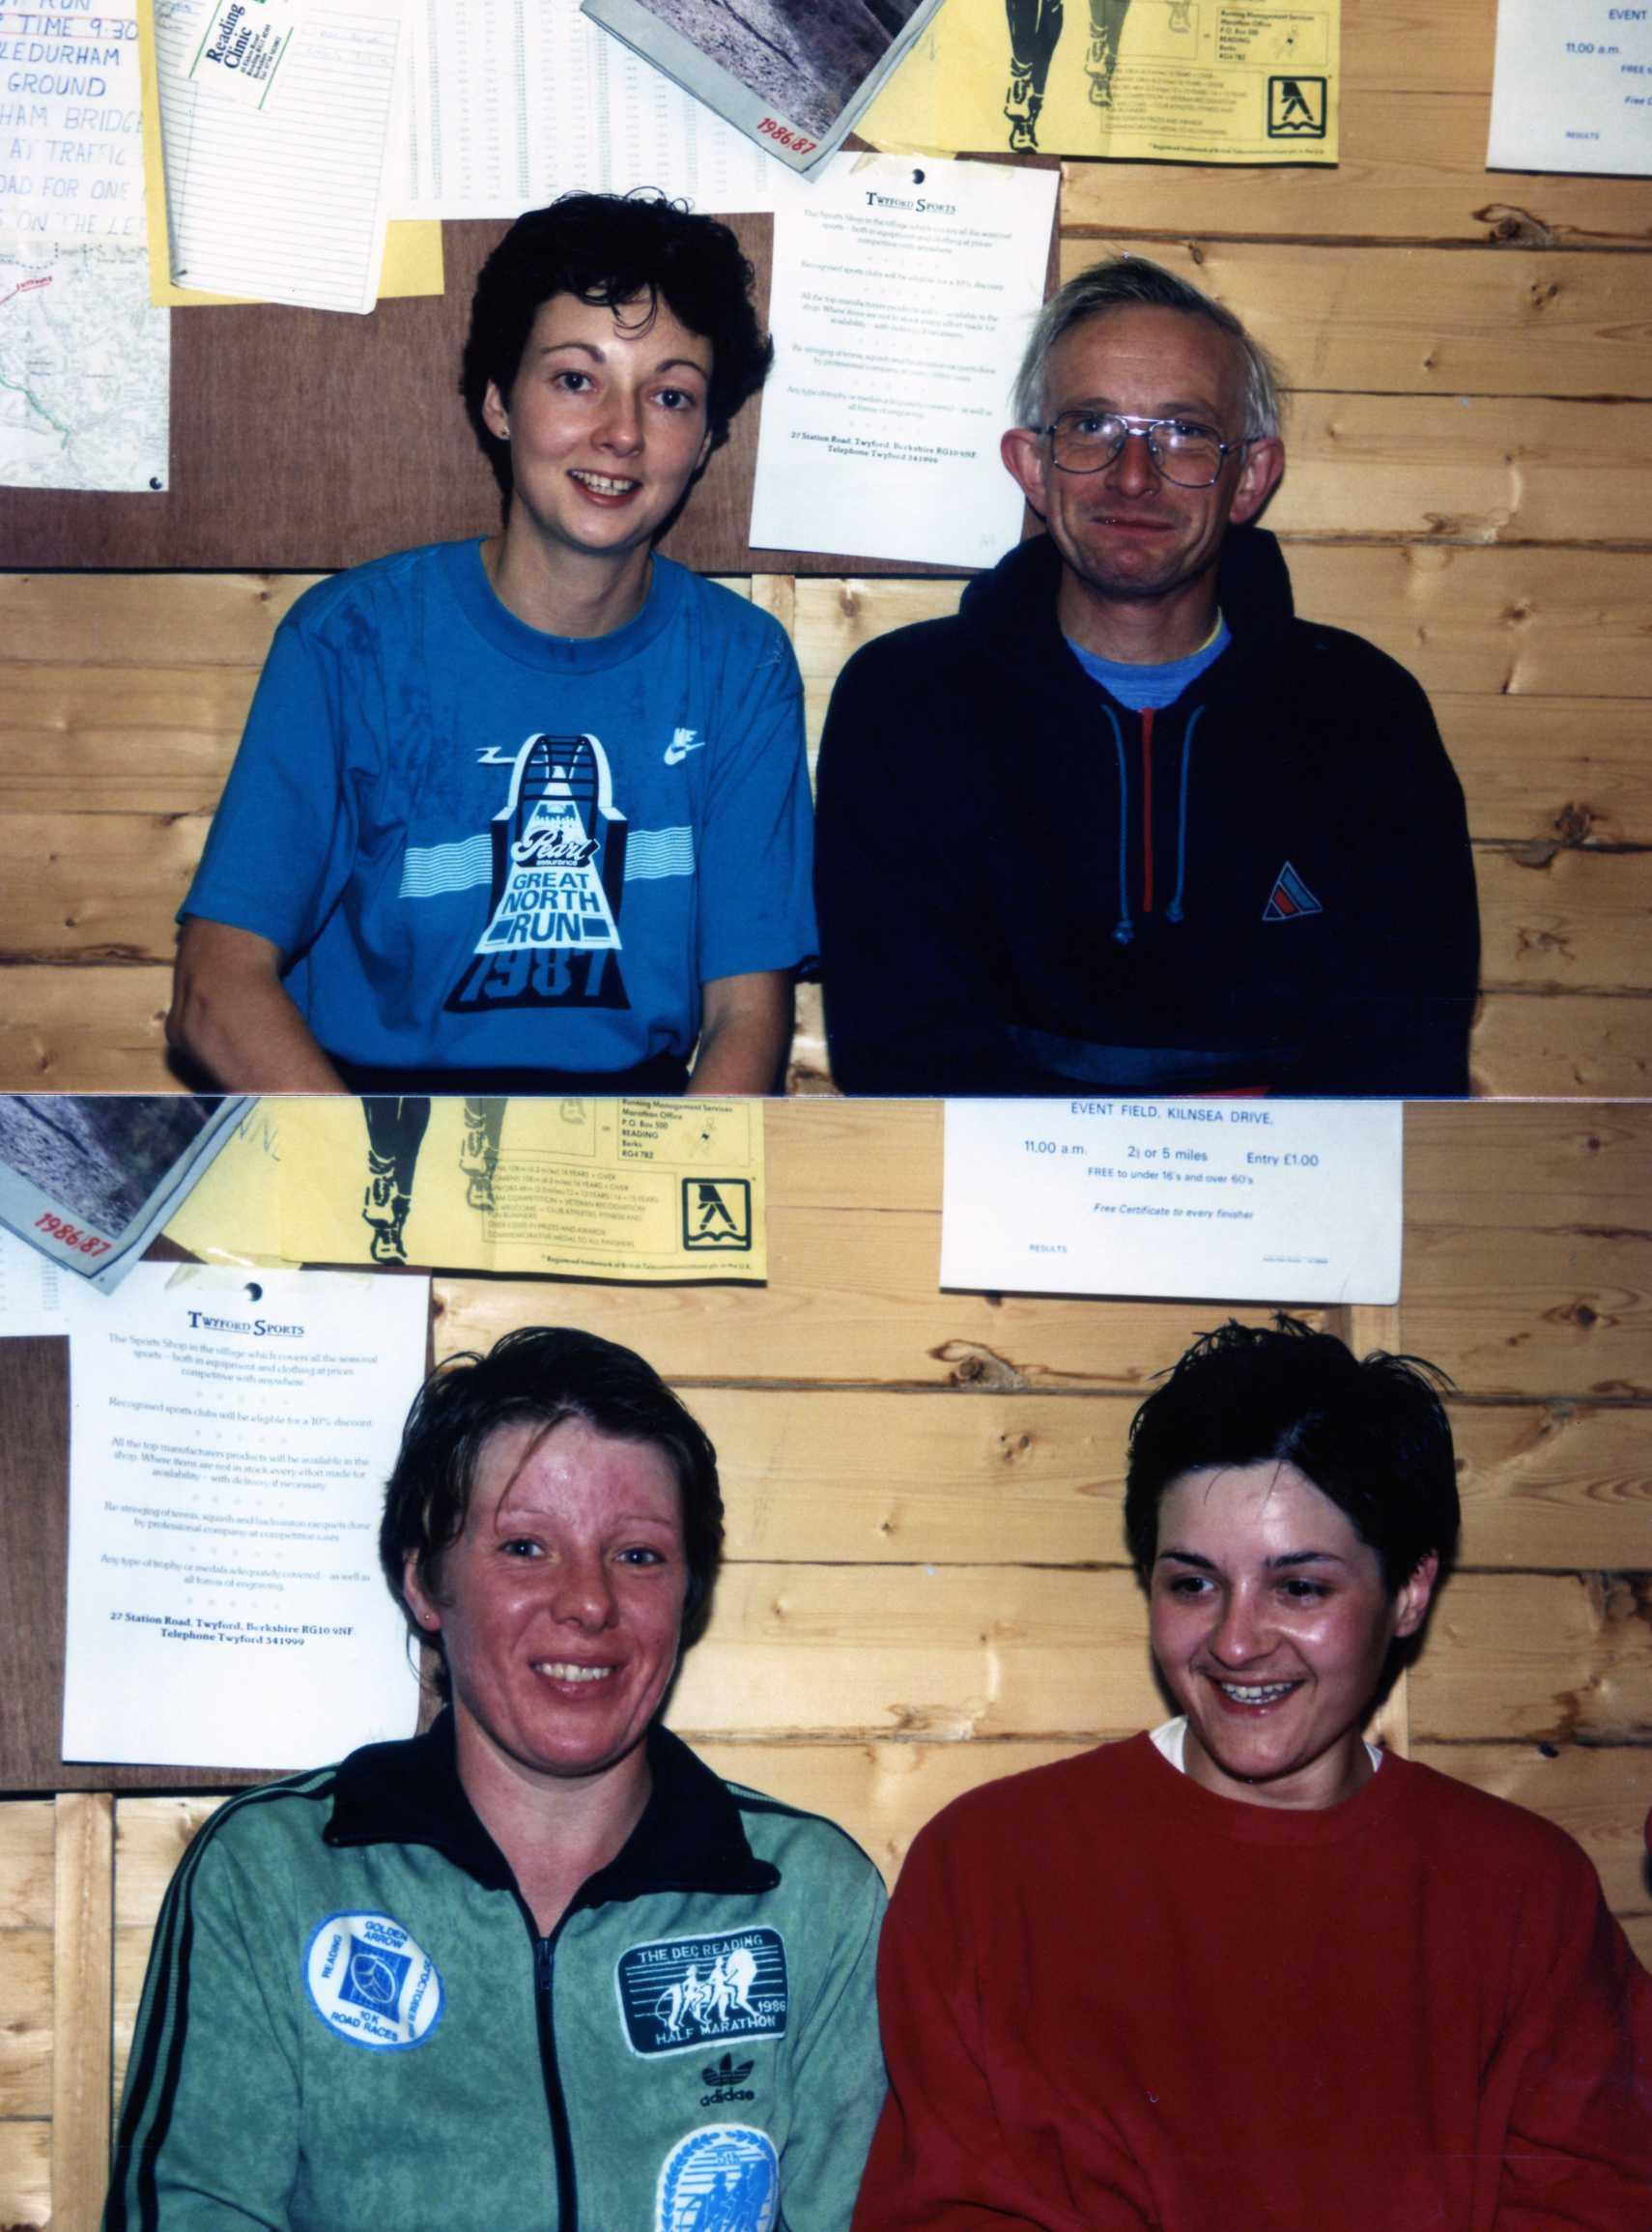 http://readingroadrunners.org/wp-content/uploads/2017/04/Club_members_15_1987.jpg